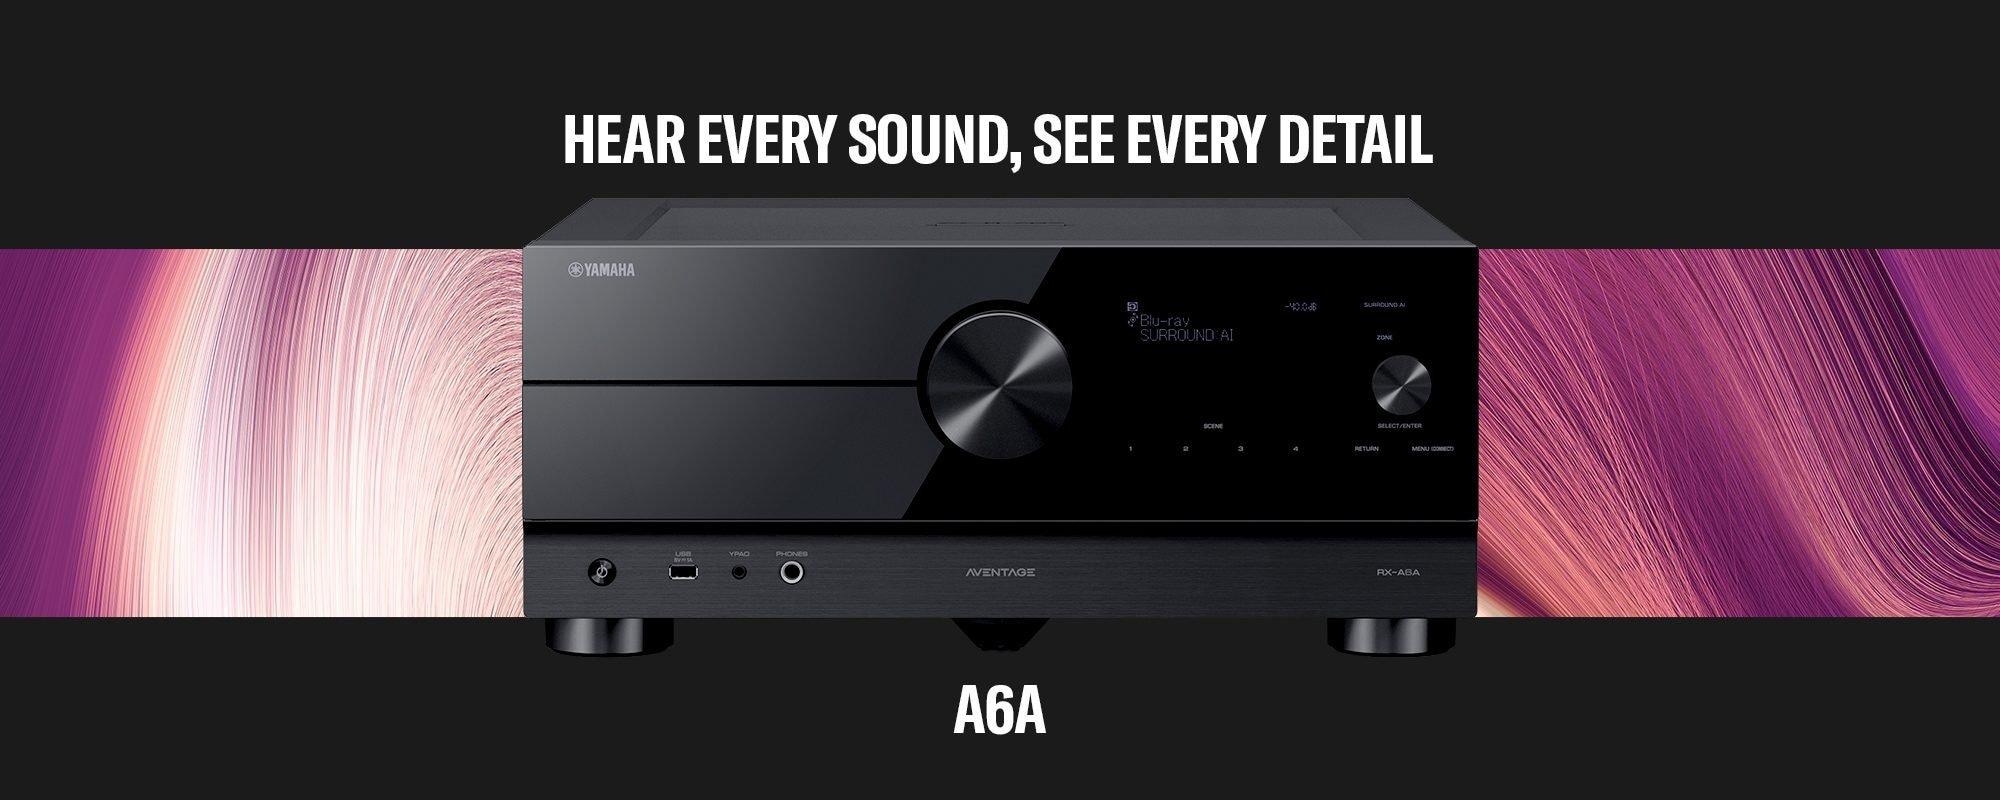 Yamaha AV-Receiver - Jeden Sound hören - jedes Detail sehen